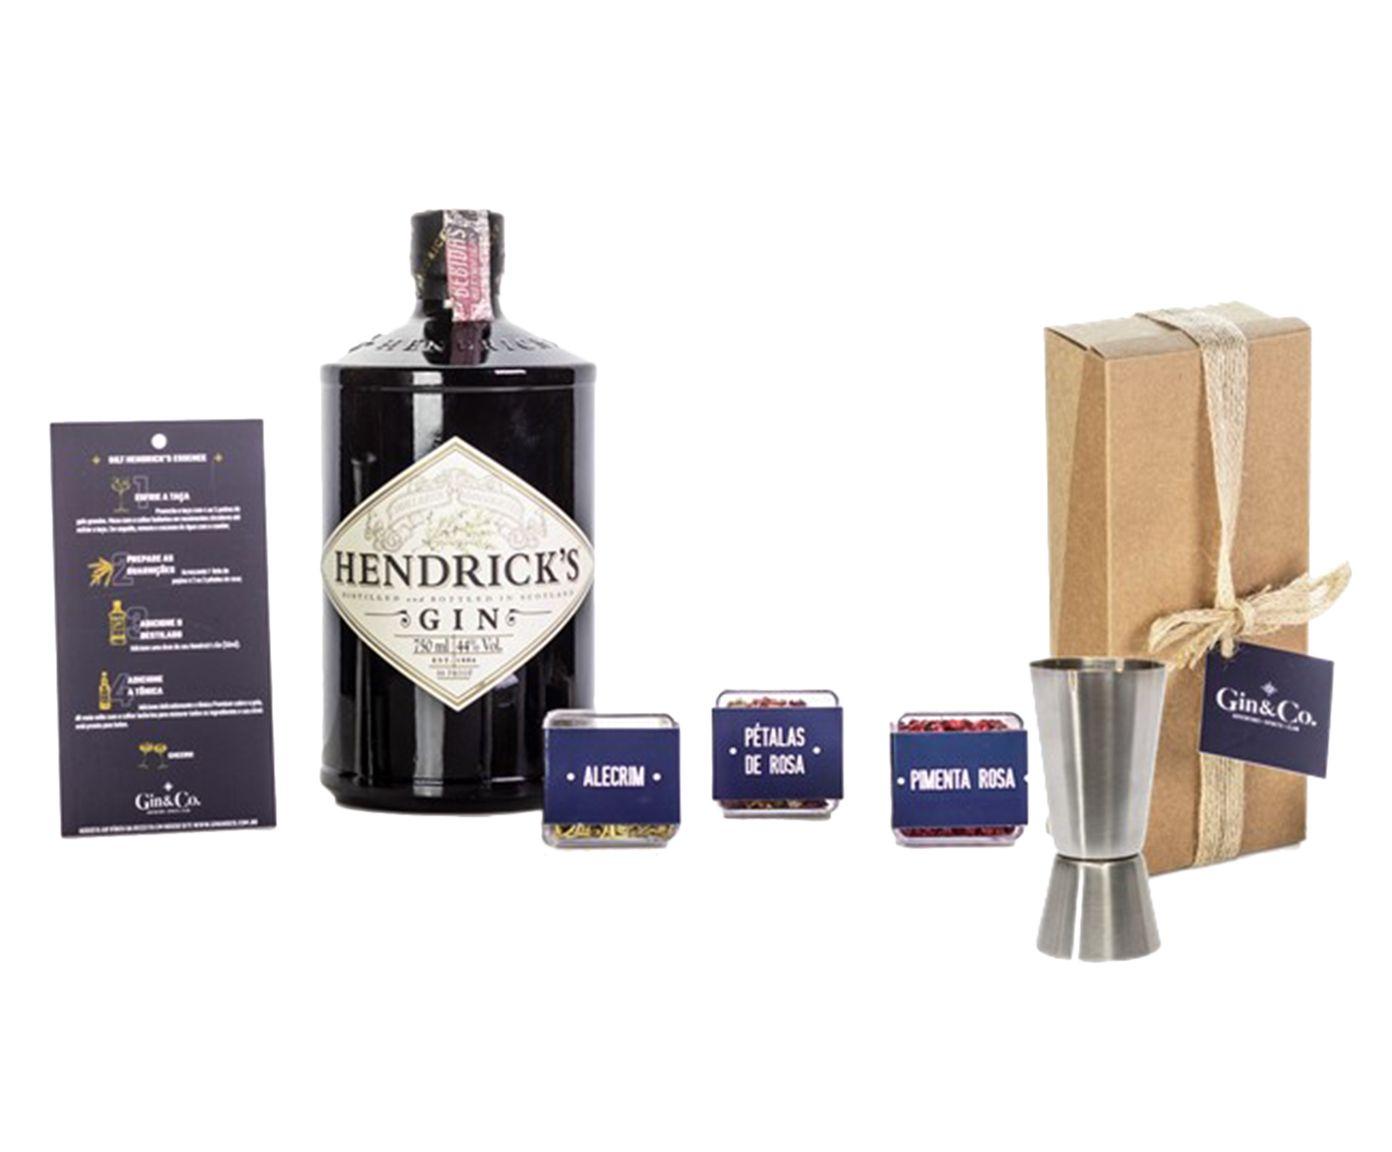 Jogo para Preparo em Inox de Gin Hendrick'S Gin   Westwing.com.br